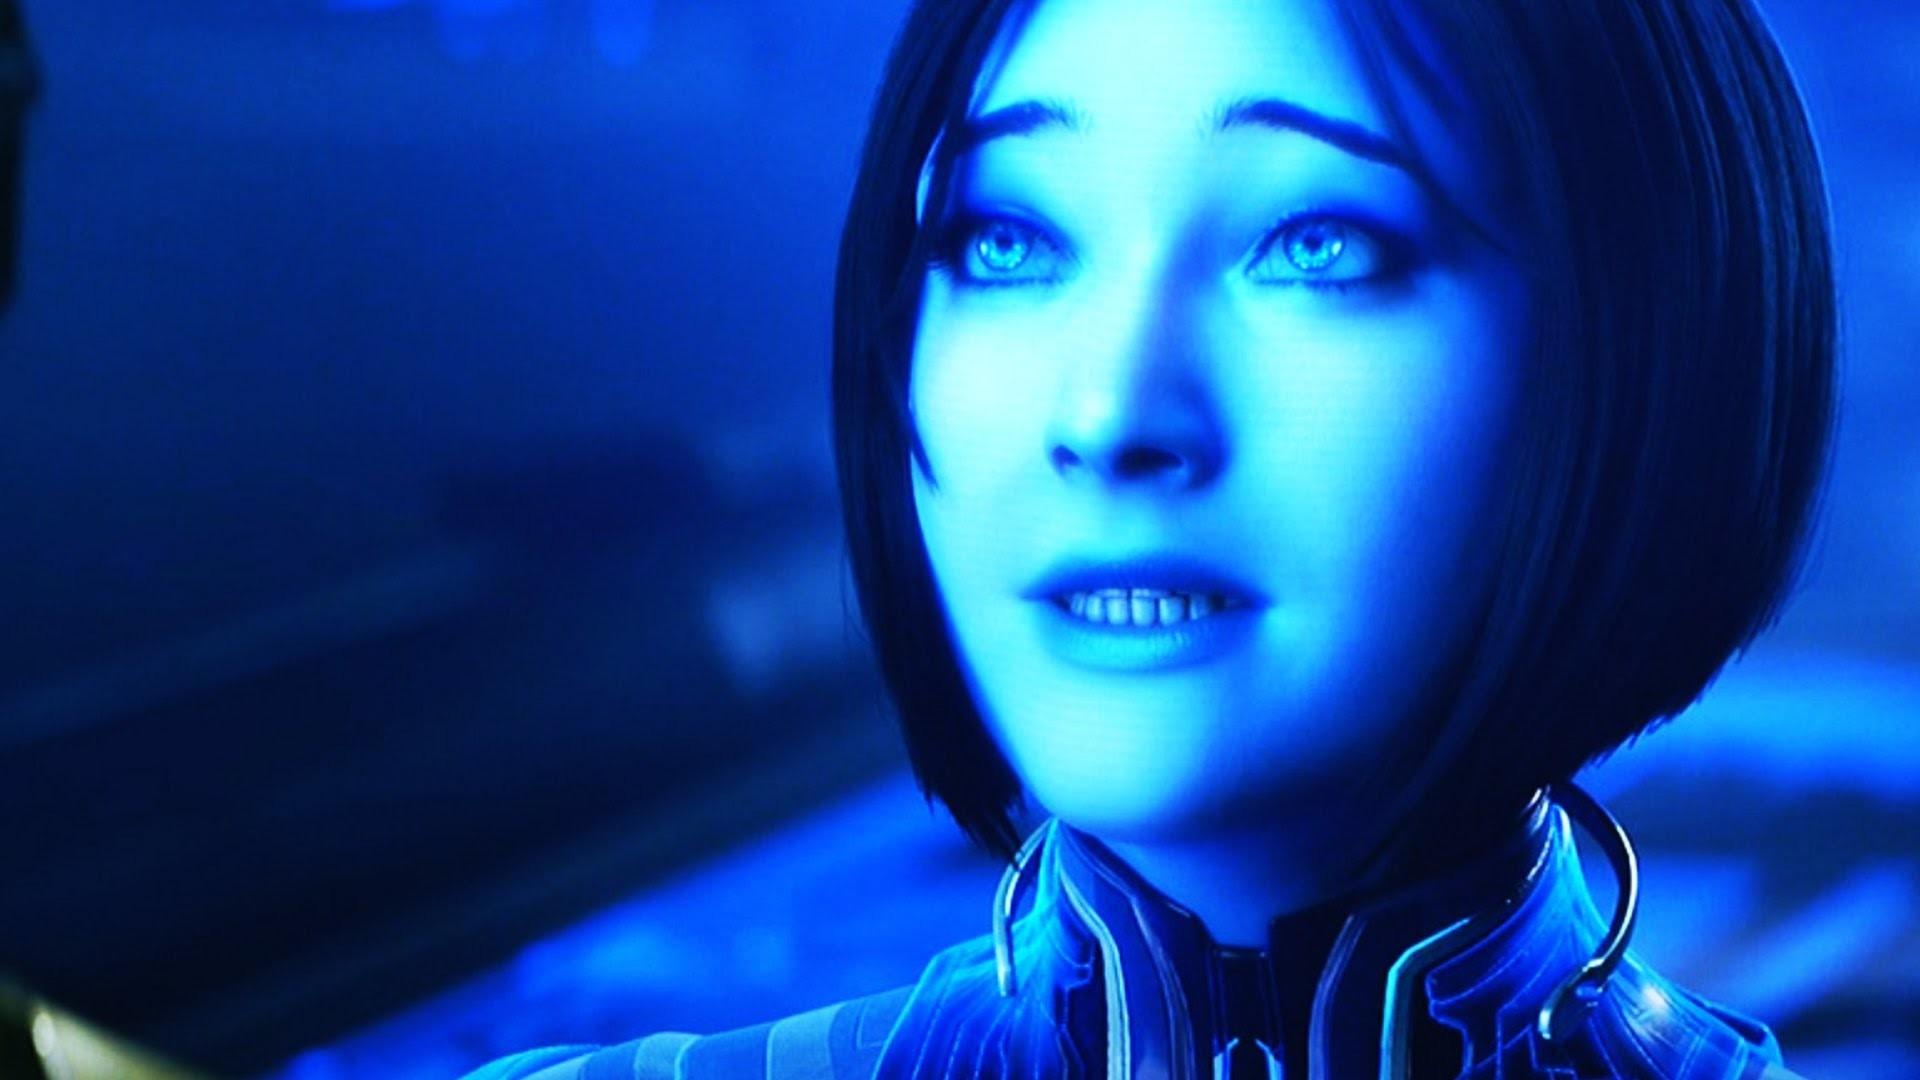 Halo 4 Cortana Wallpaper 72 Images